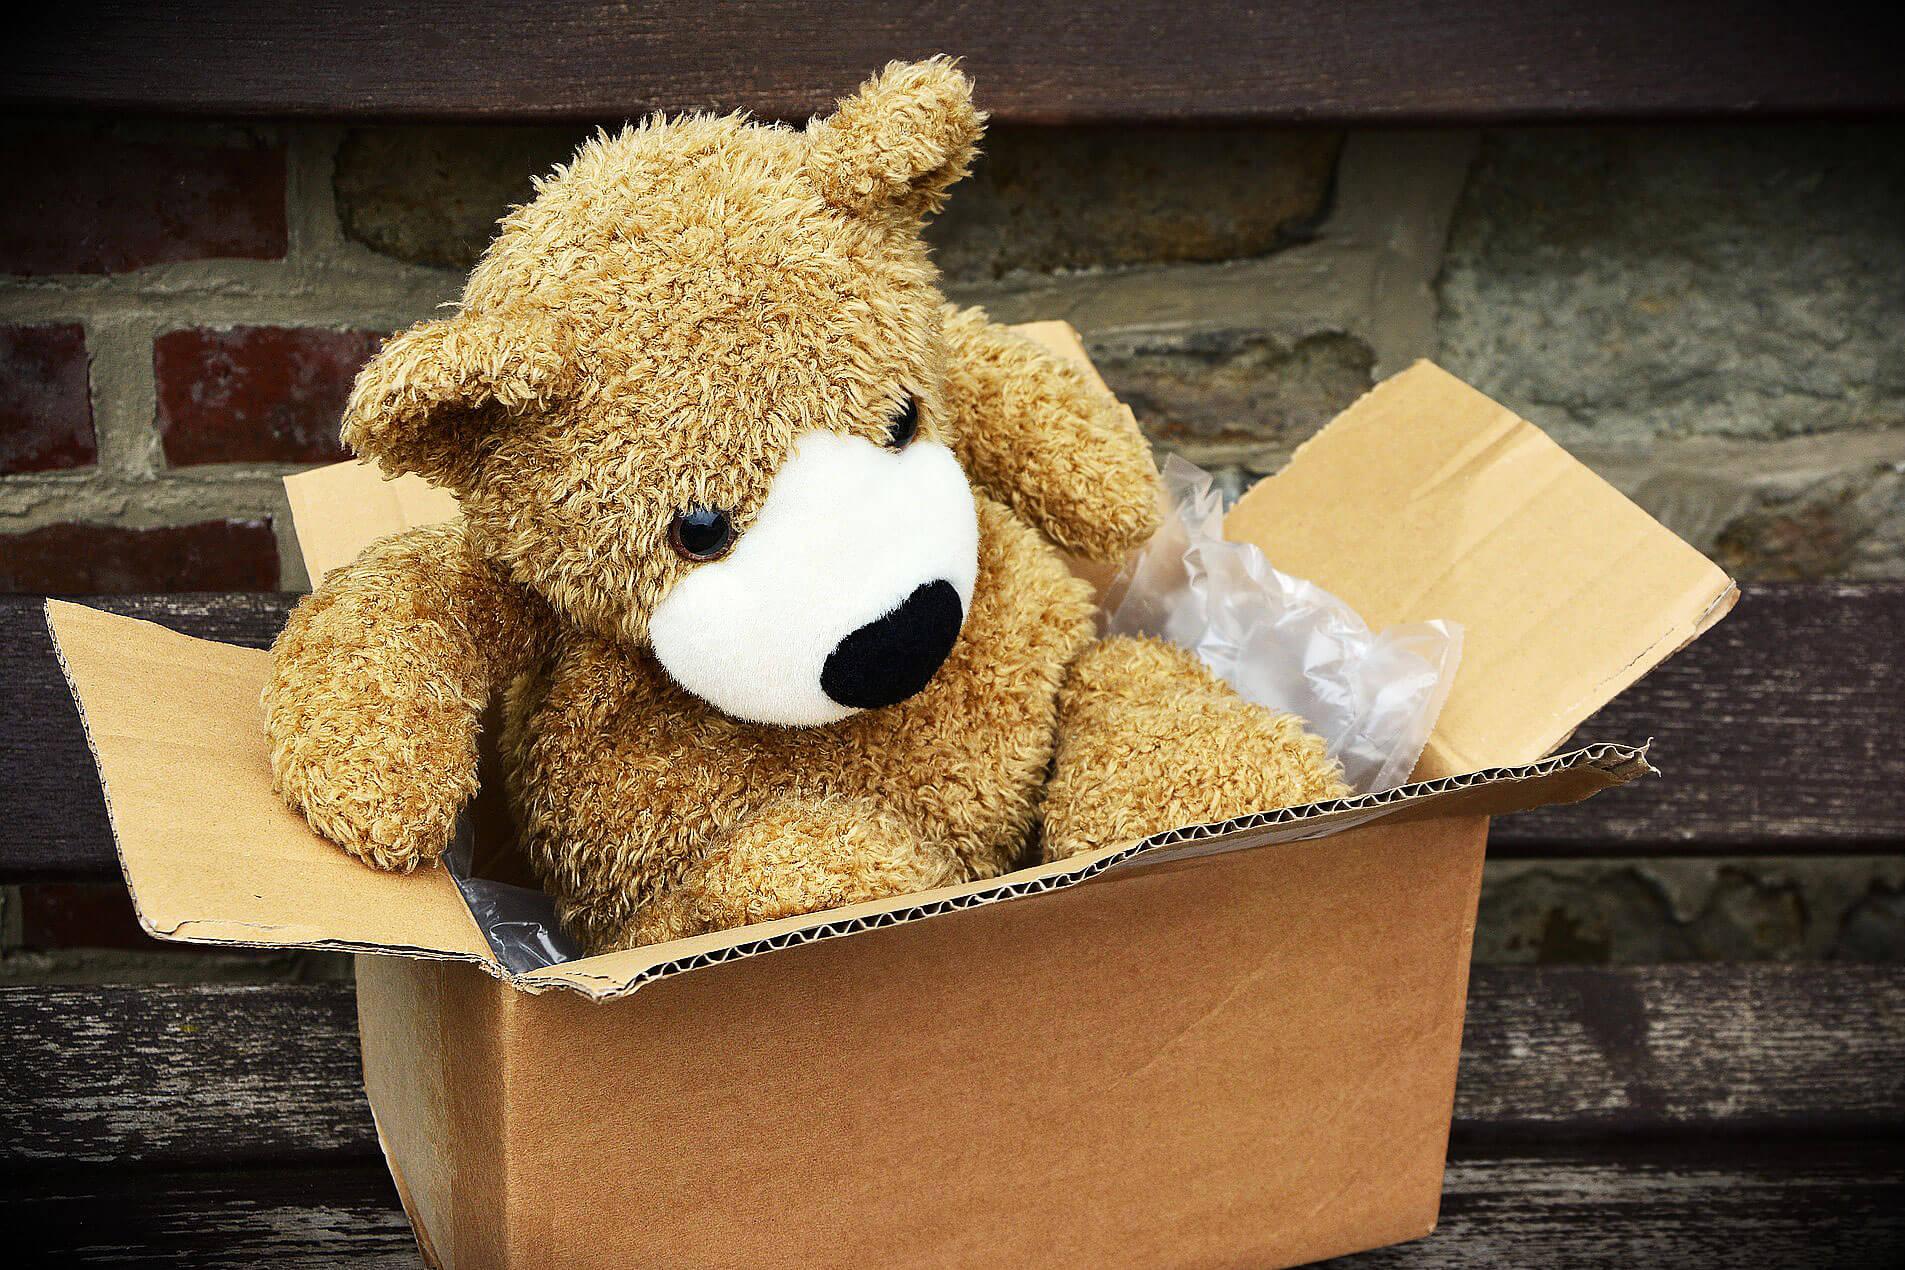 Urso de peluche castanho, dentro de uma caixa de cartão.